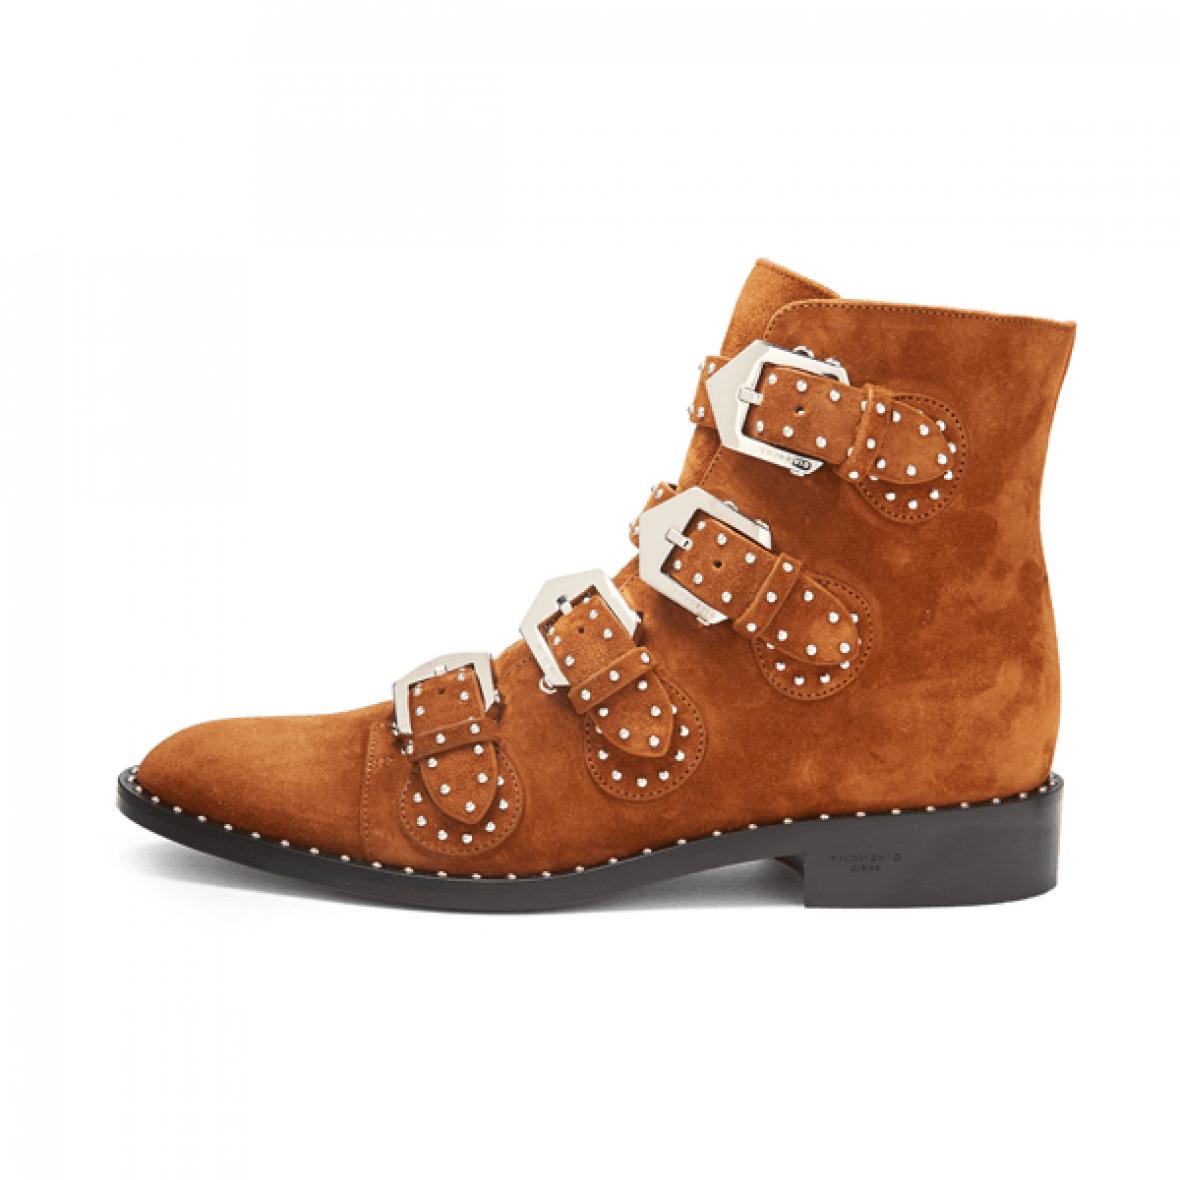 Et par Givenchy støvler til kæresten giver pote